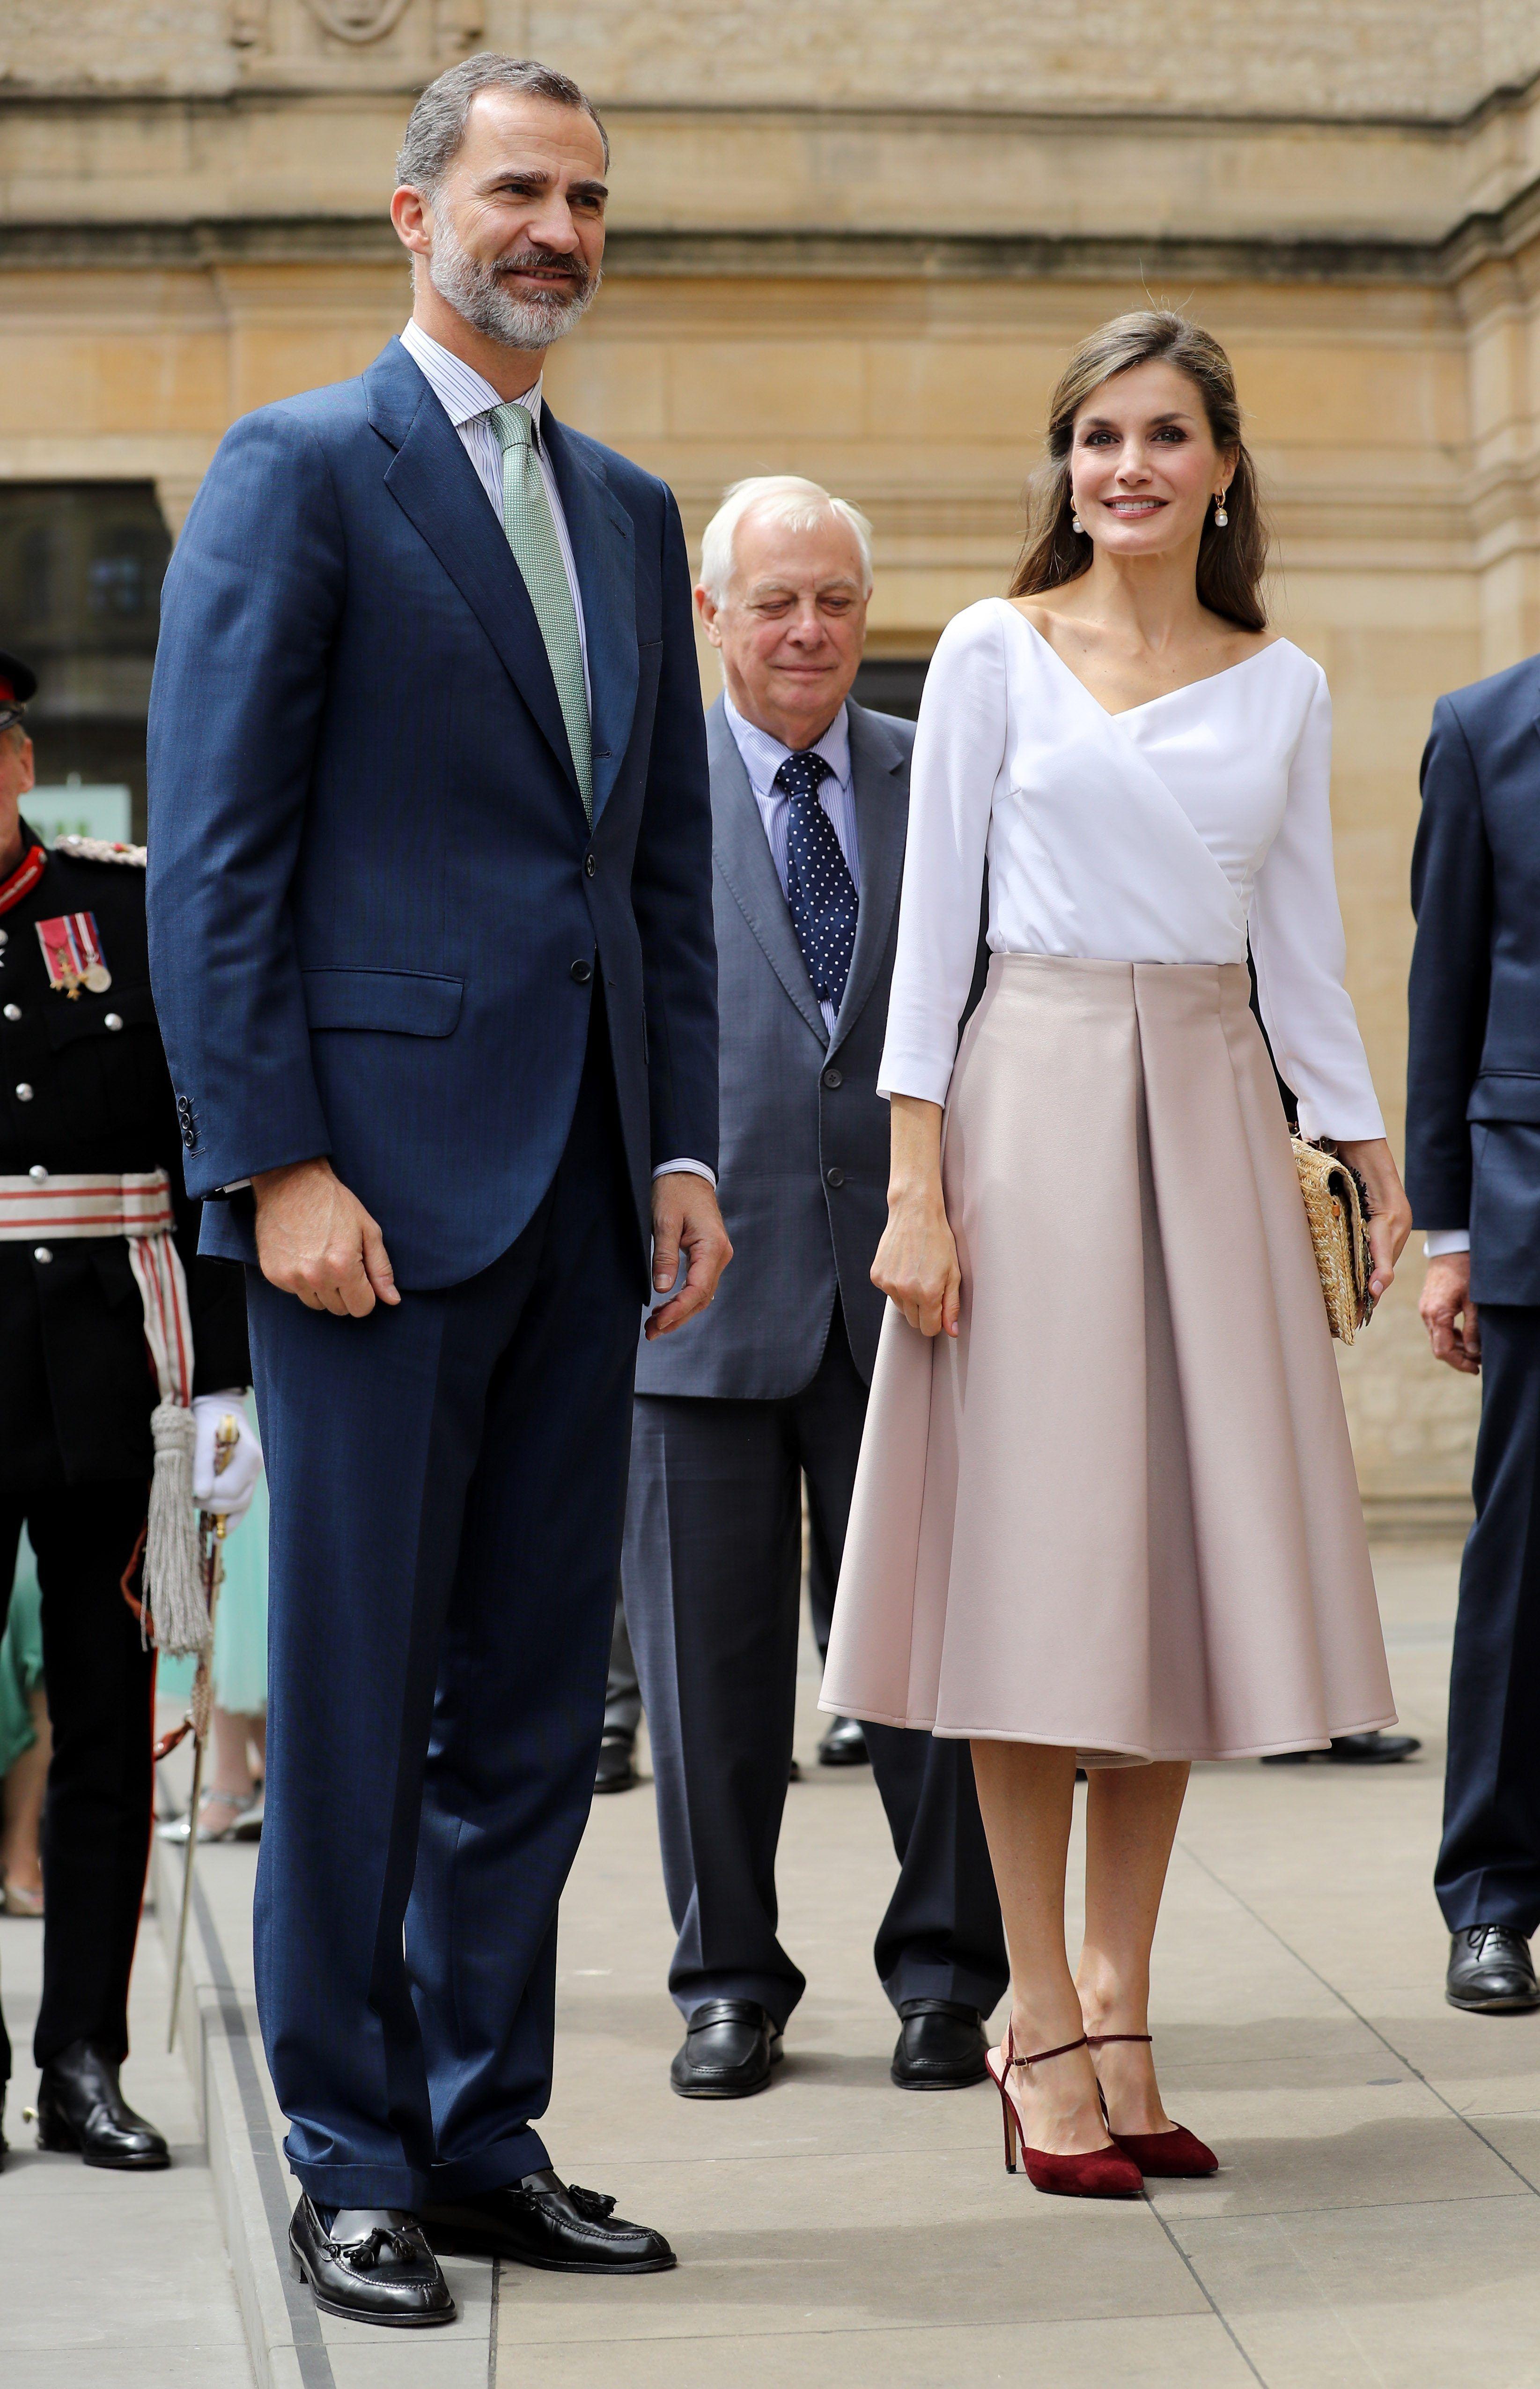 Voir tout le look chic de Queen Letizia lors de sa visite d'état au  Royaume-Uni - Fashion Style Mag